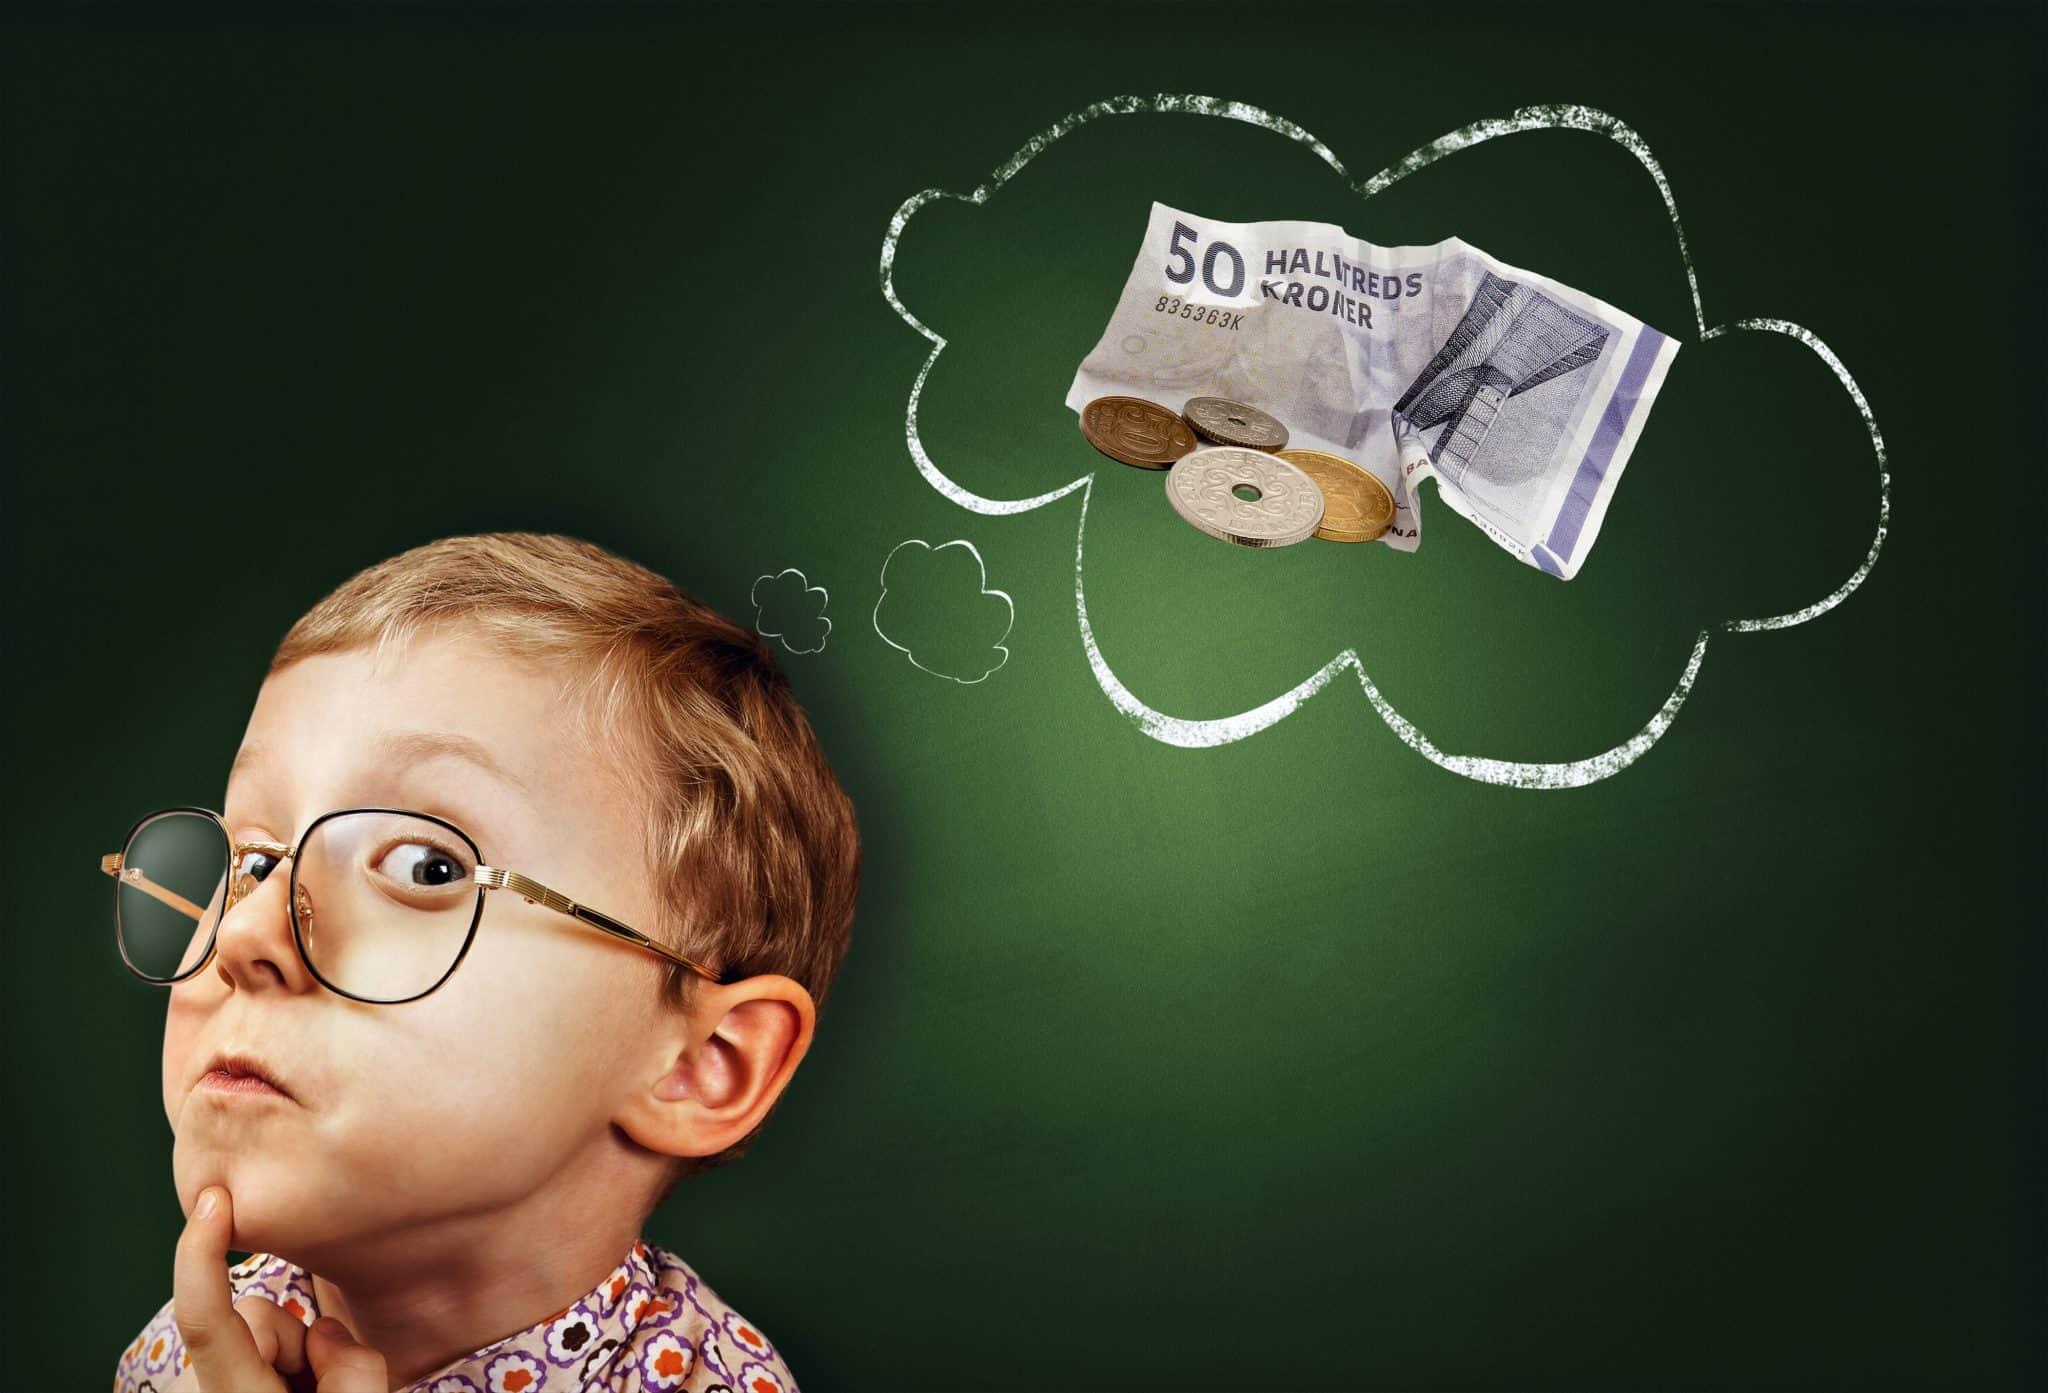 Har du en god idé – så har banken pengene. Møns Bank uddeler jubilæumslegater